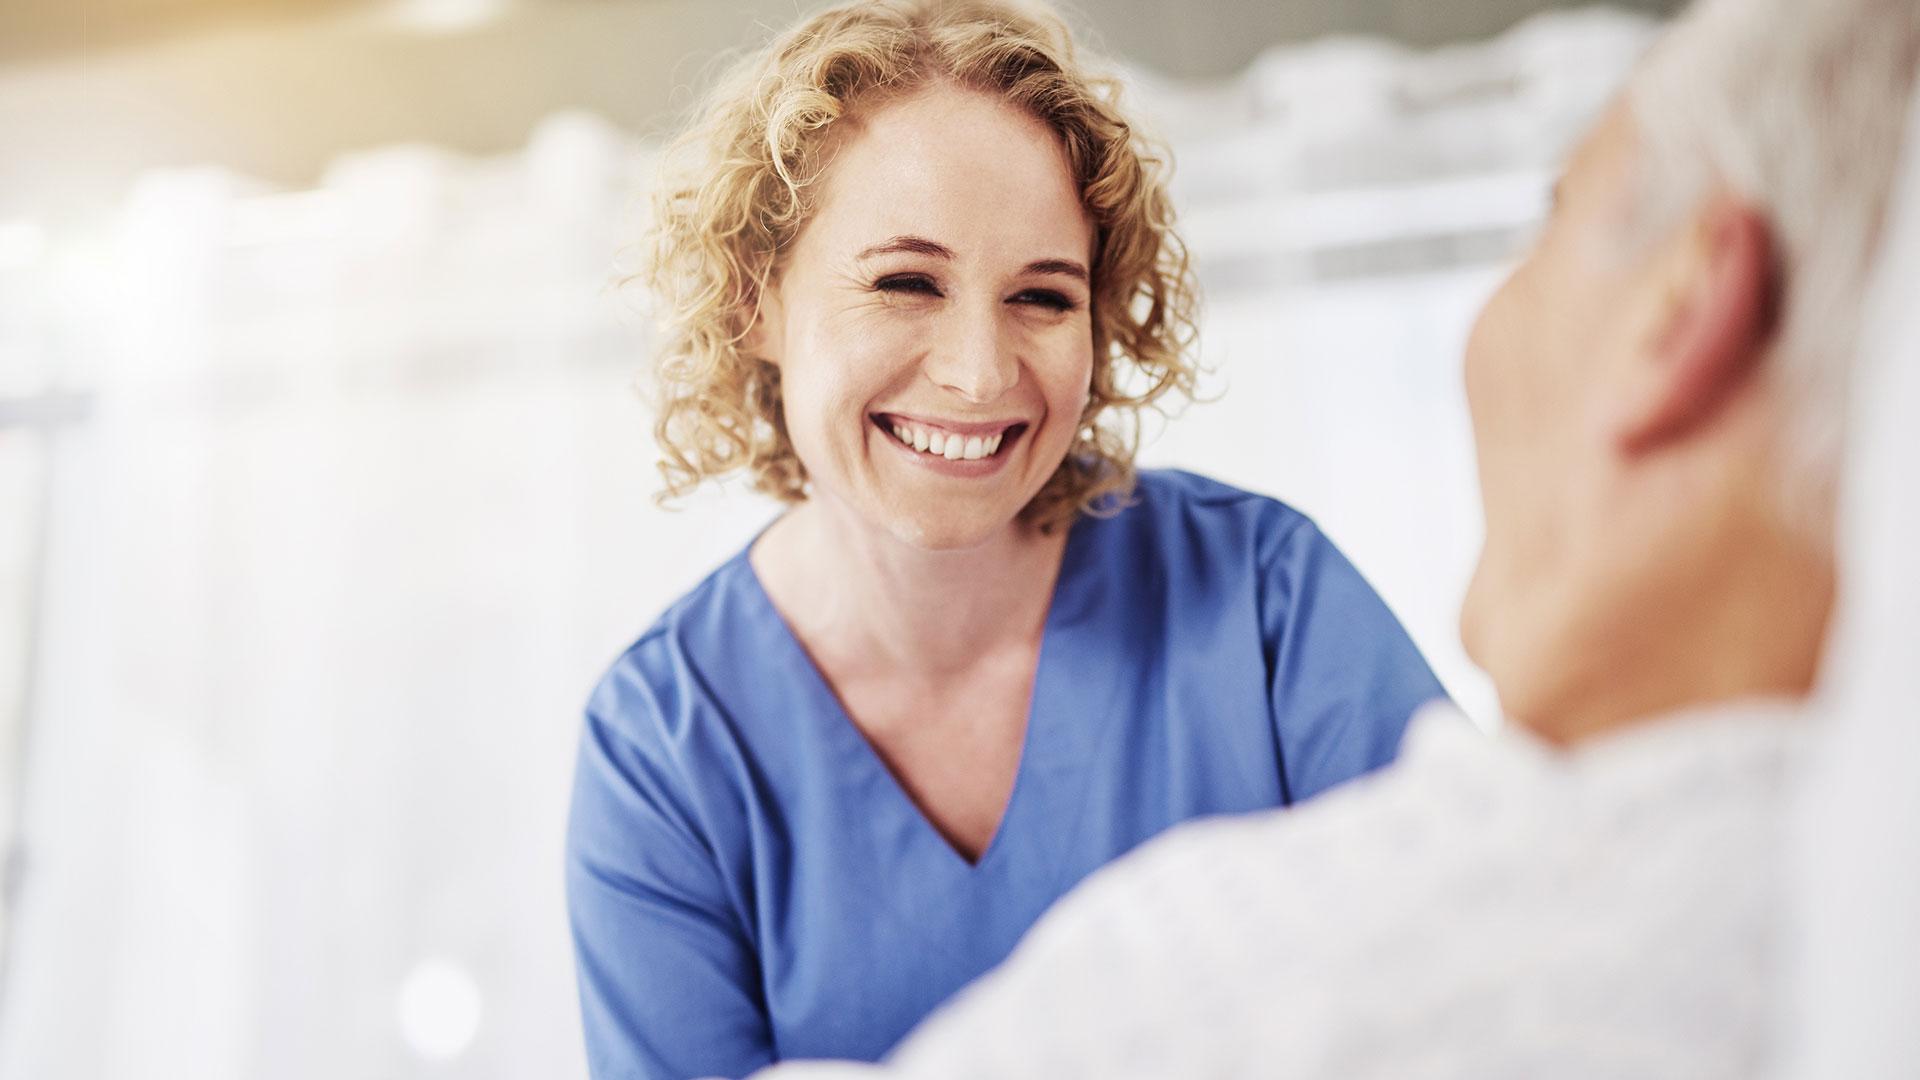 Specialistundersköterska inom multisjukdom hos äldre